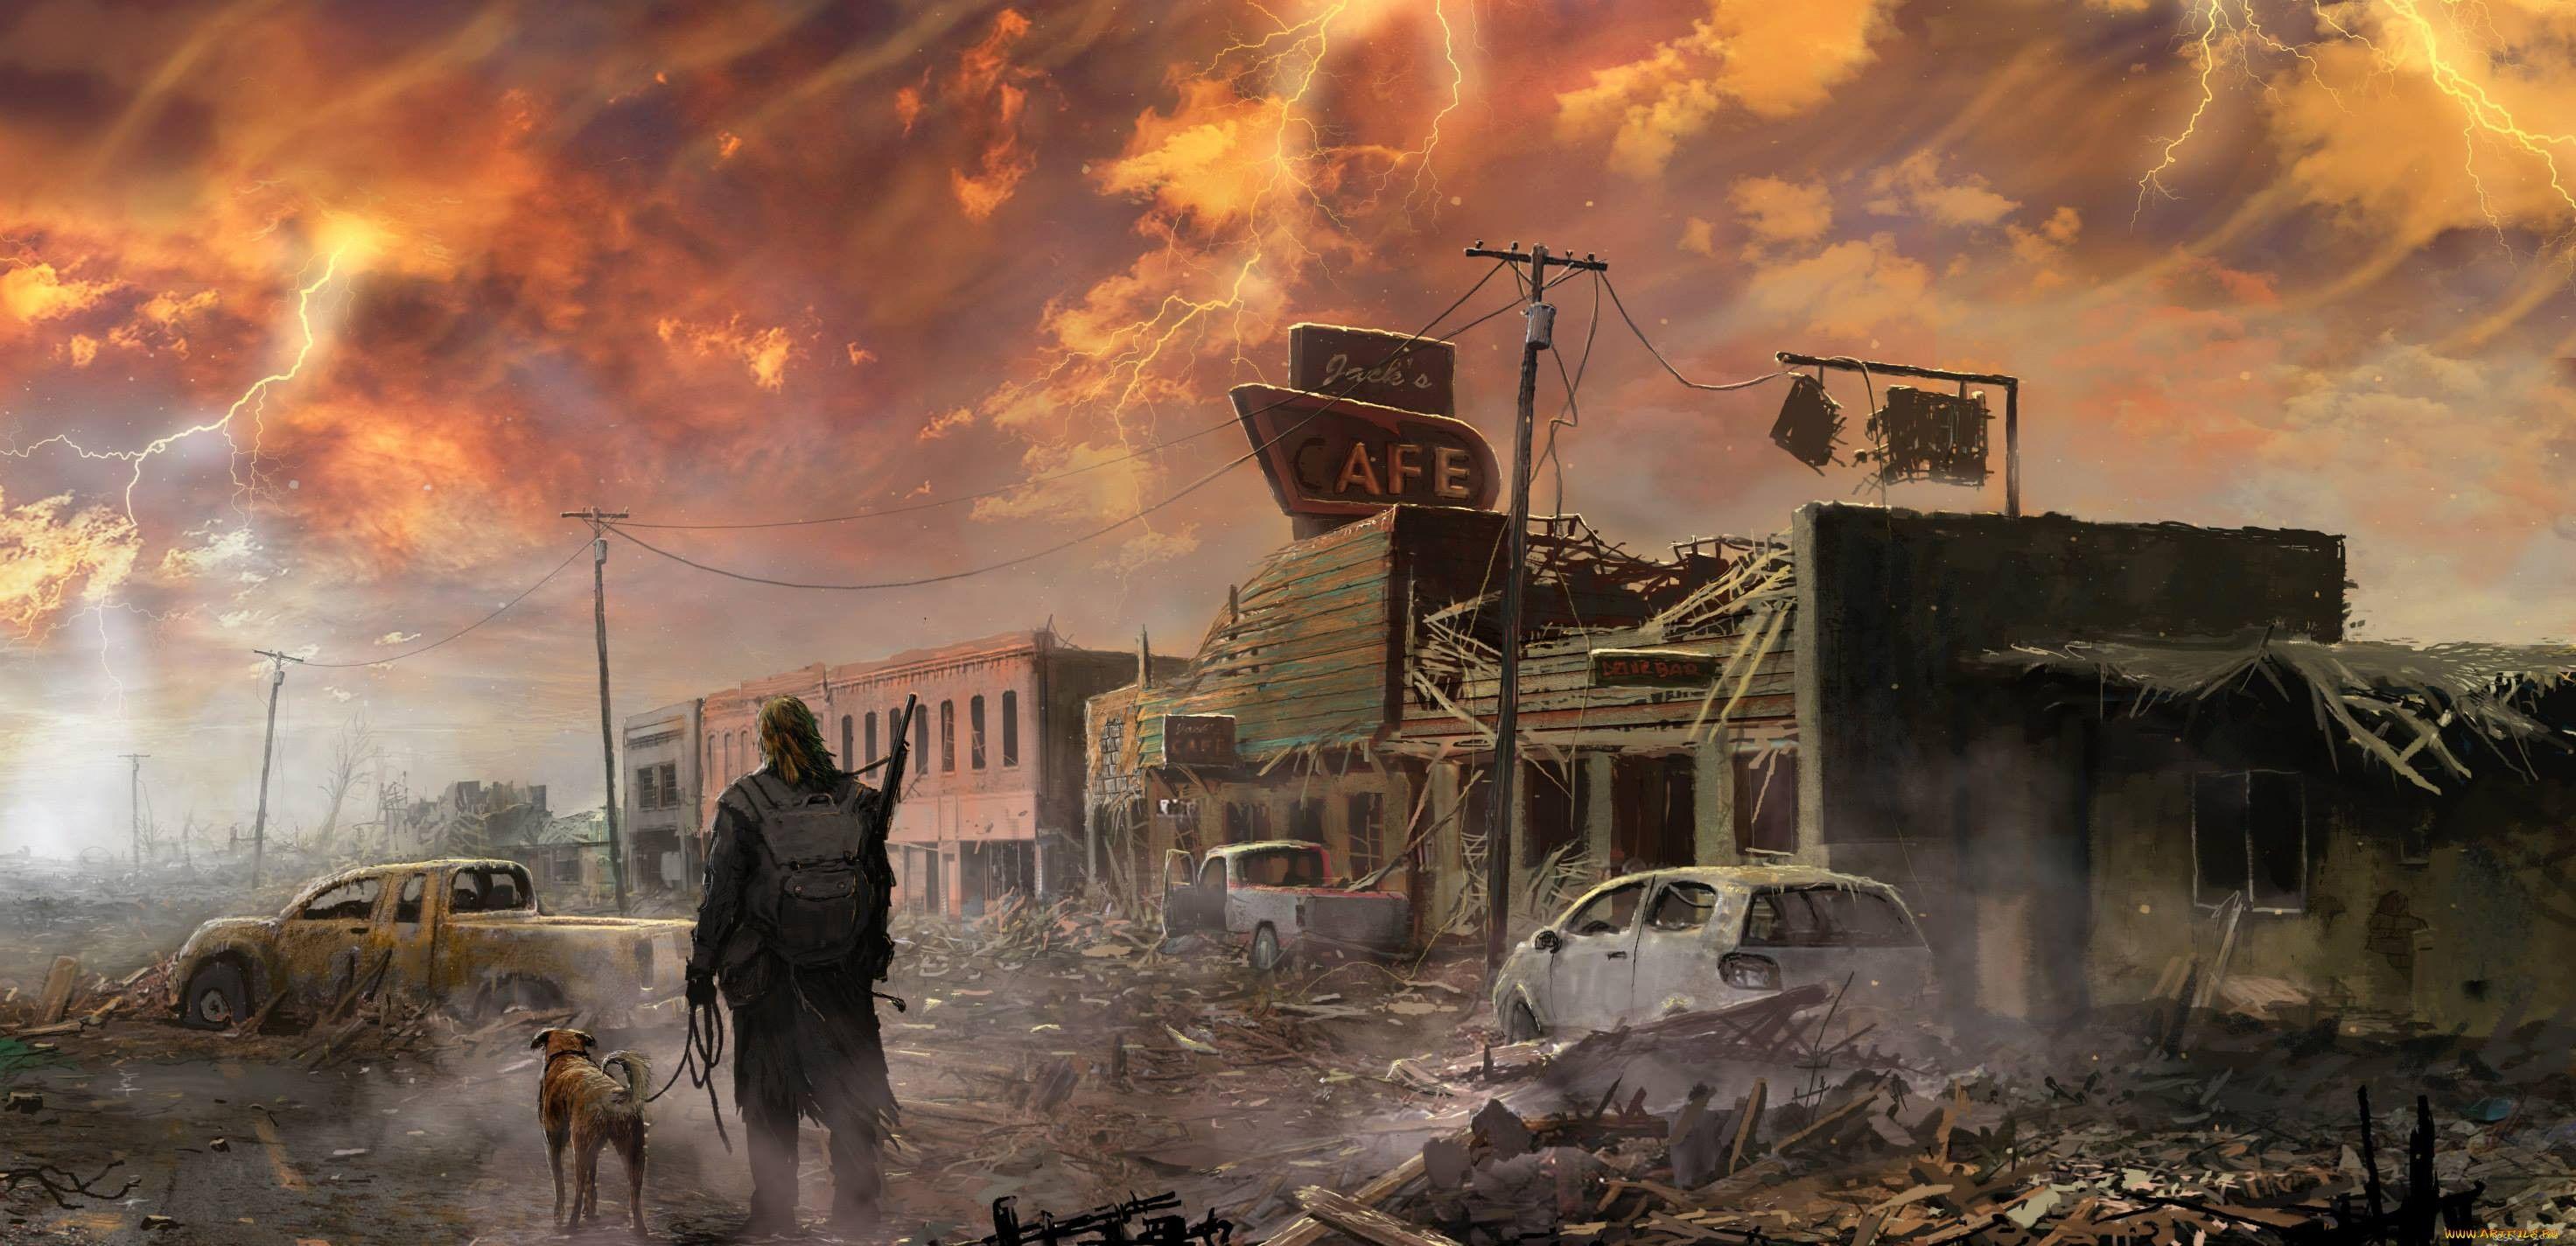 Картинки города зомби апокалипсис для